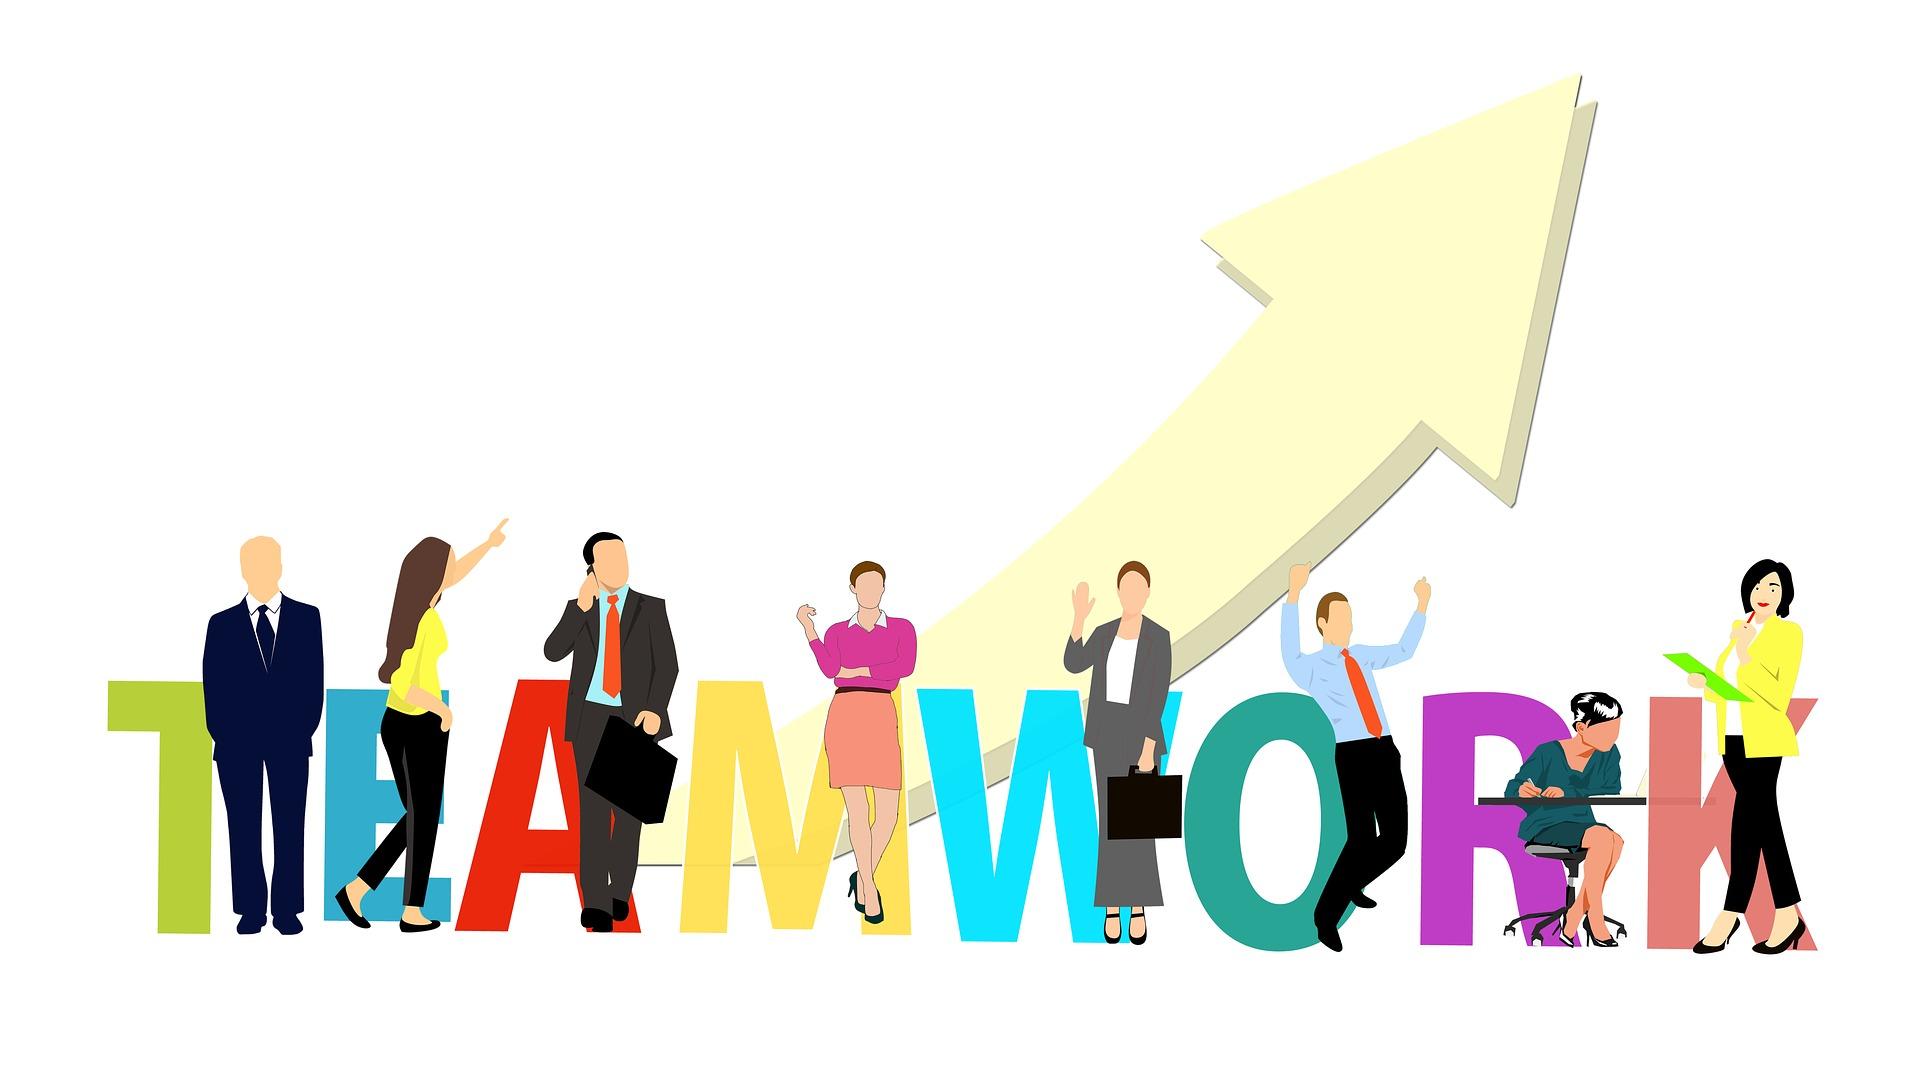 チーム 組織 ネットワークビジネス